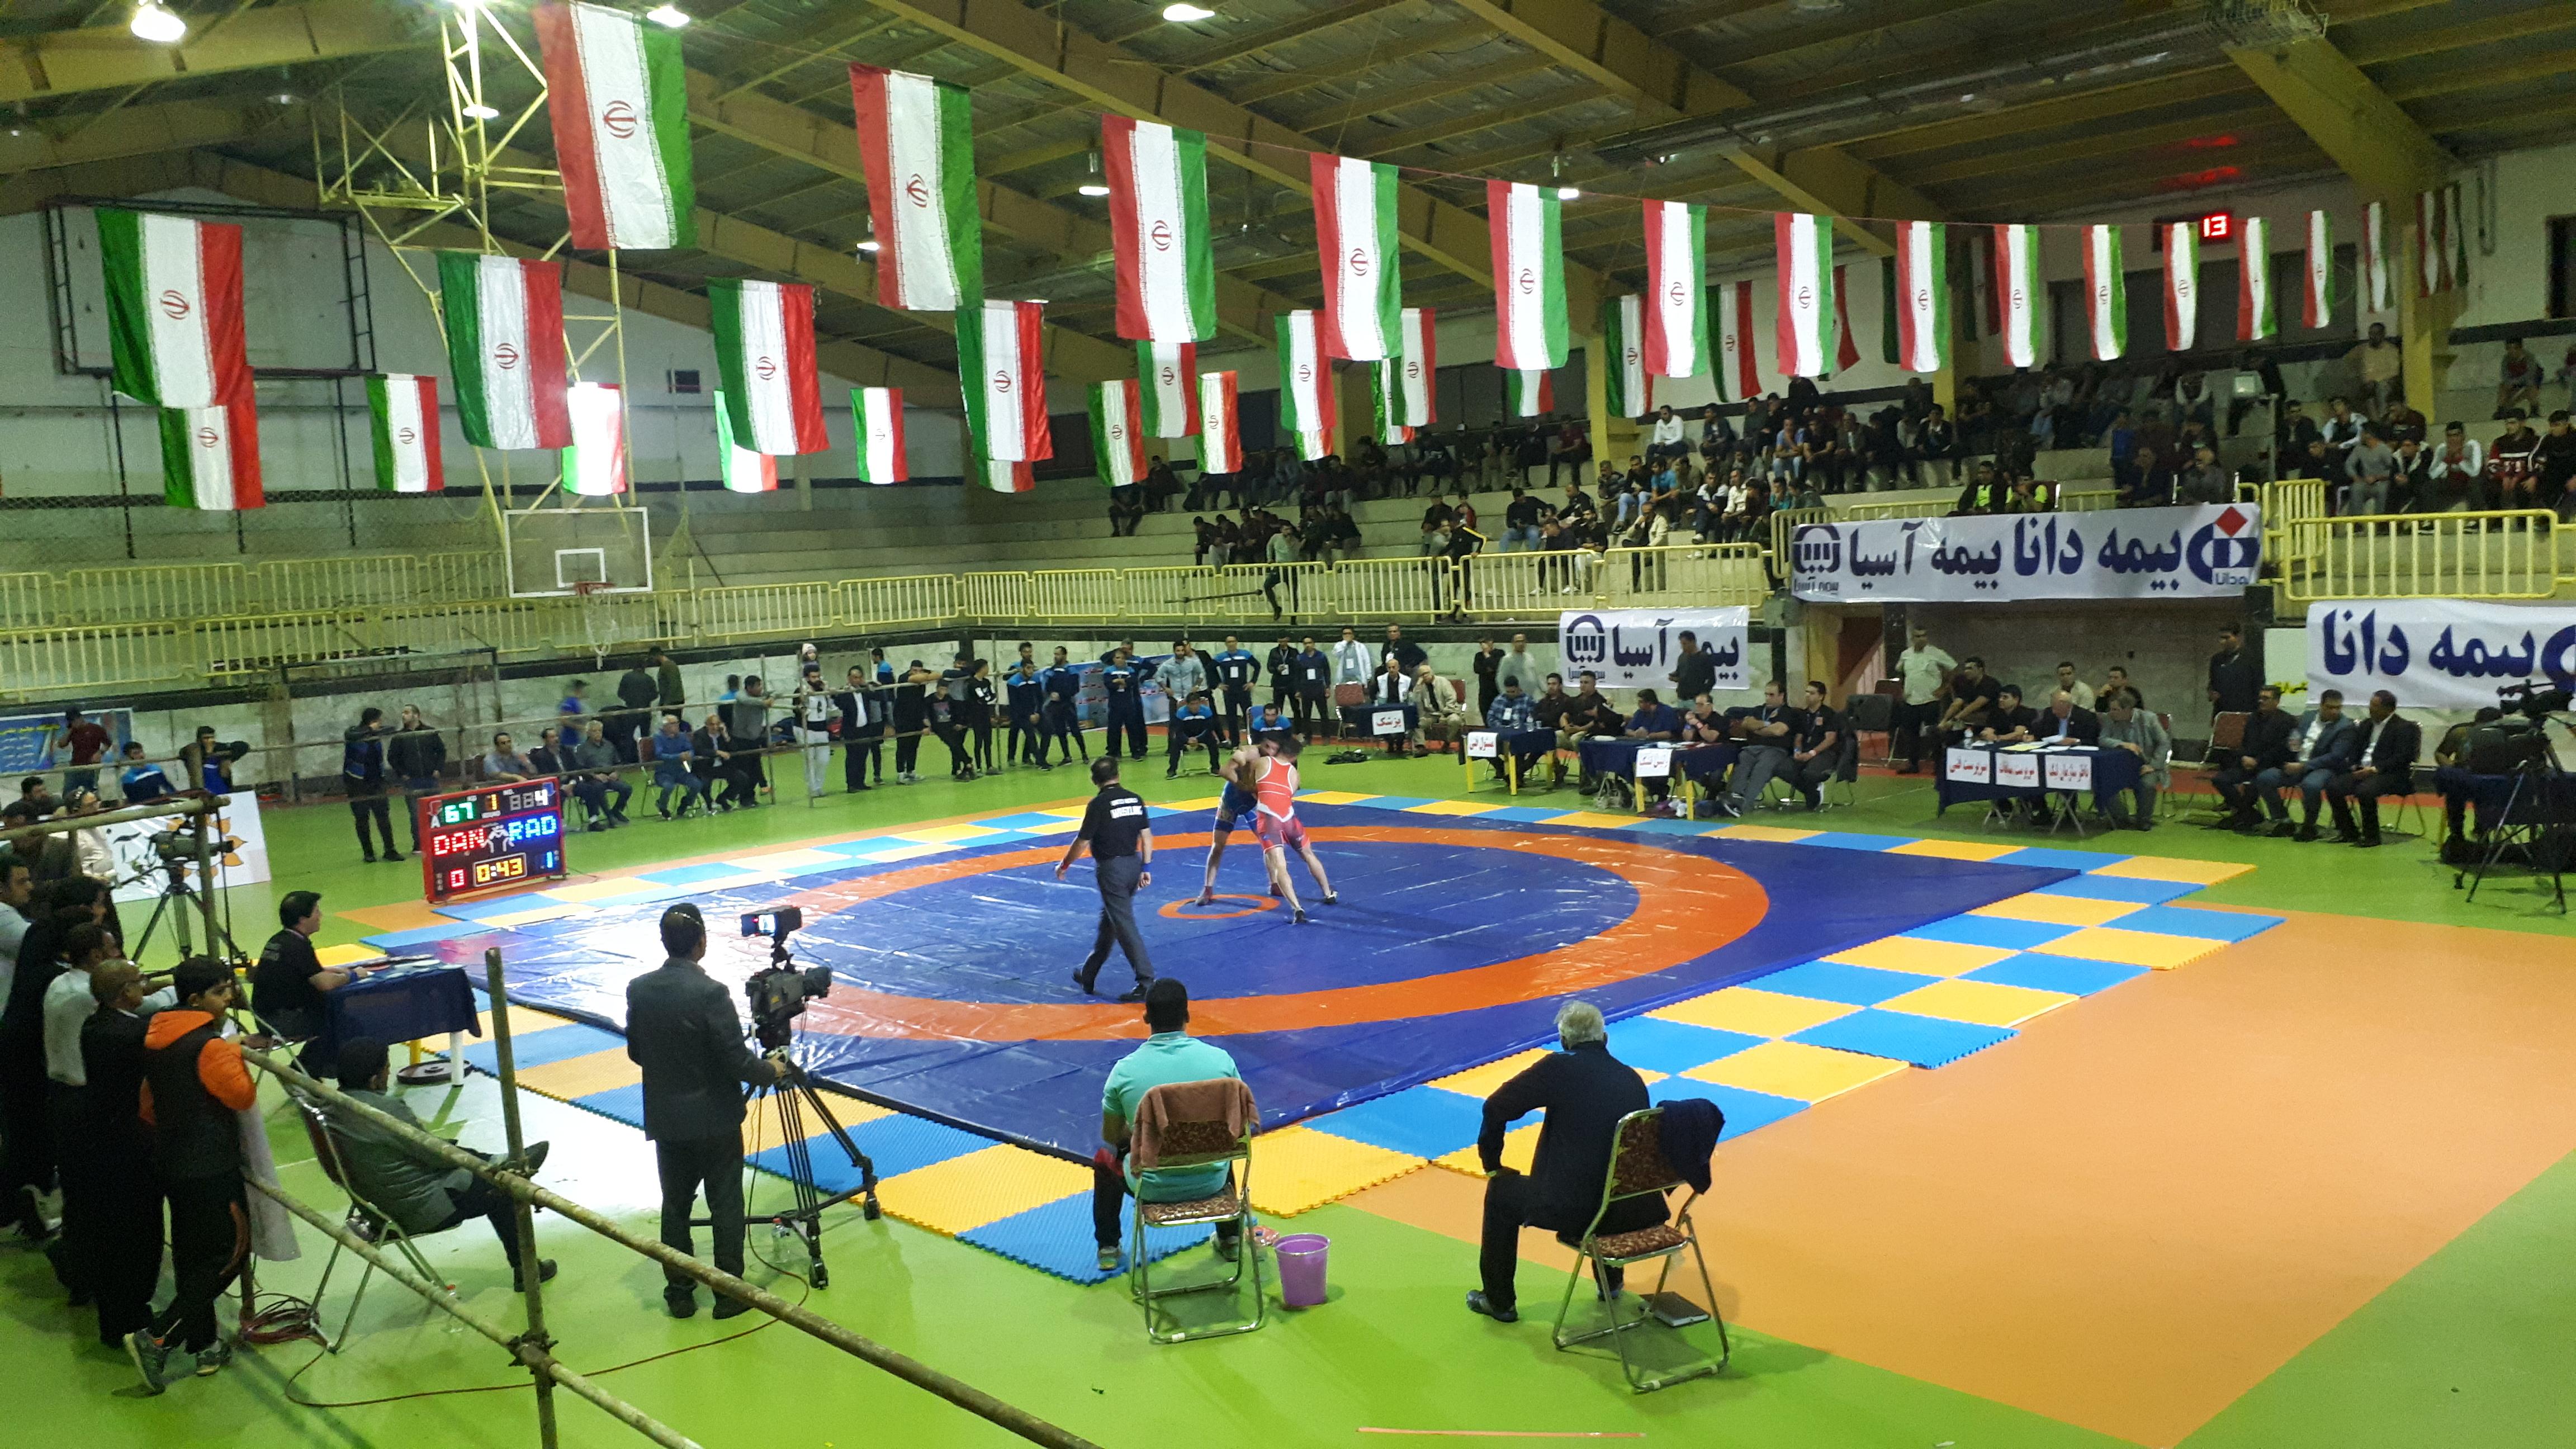 آریوبرزن بهبهان در مازندران هم حریف سینا صنعت ایذه نشد/پایان جدال تمام خوزستانی نماینده ایذه با پیروزیهای قاطع